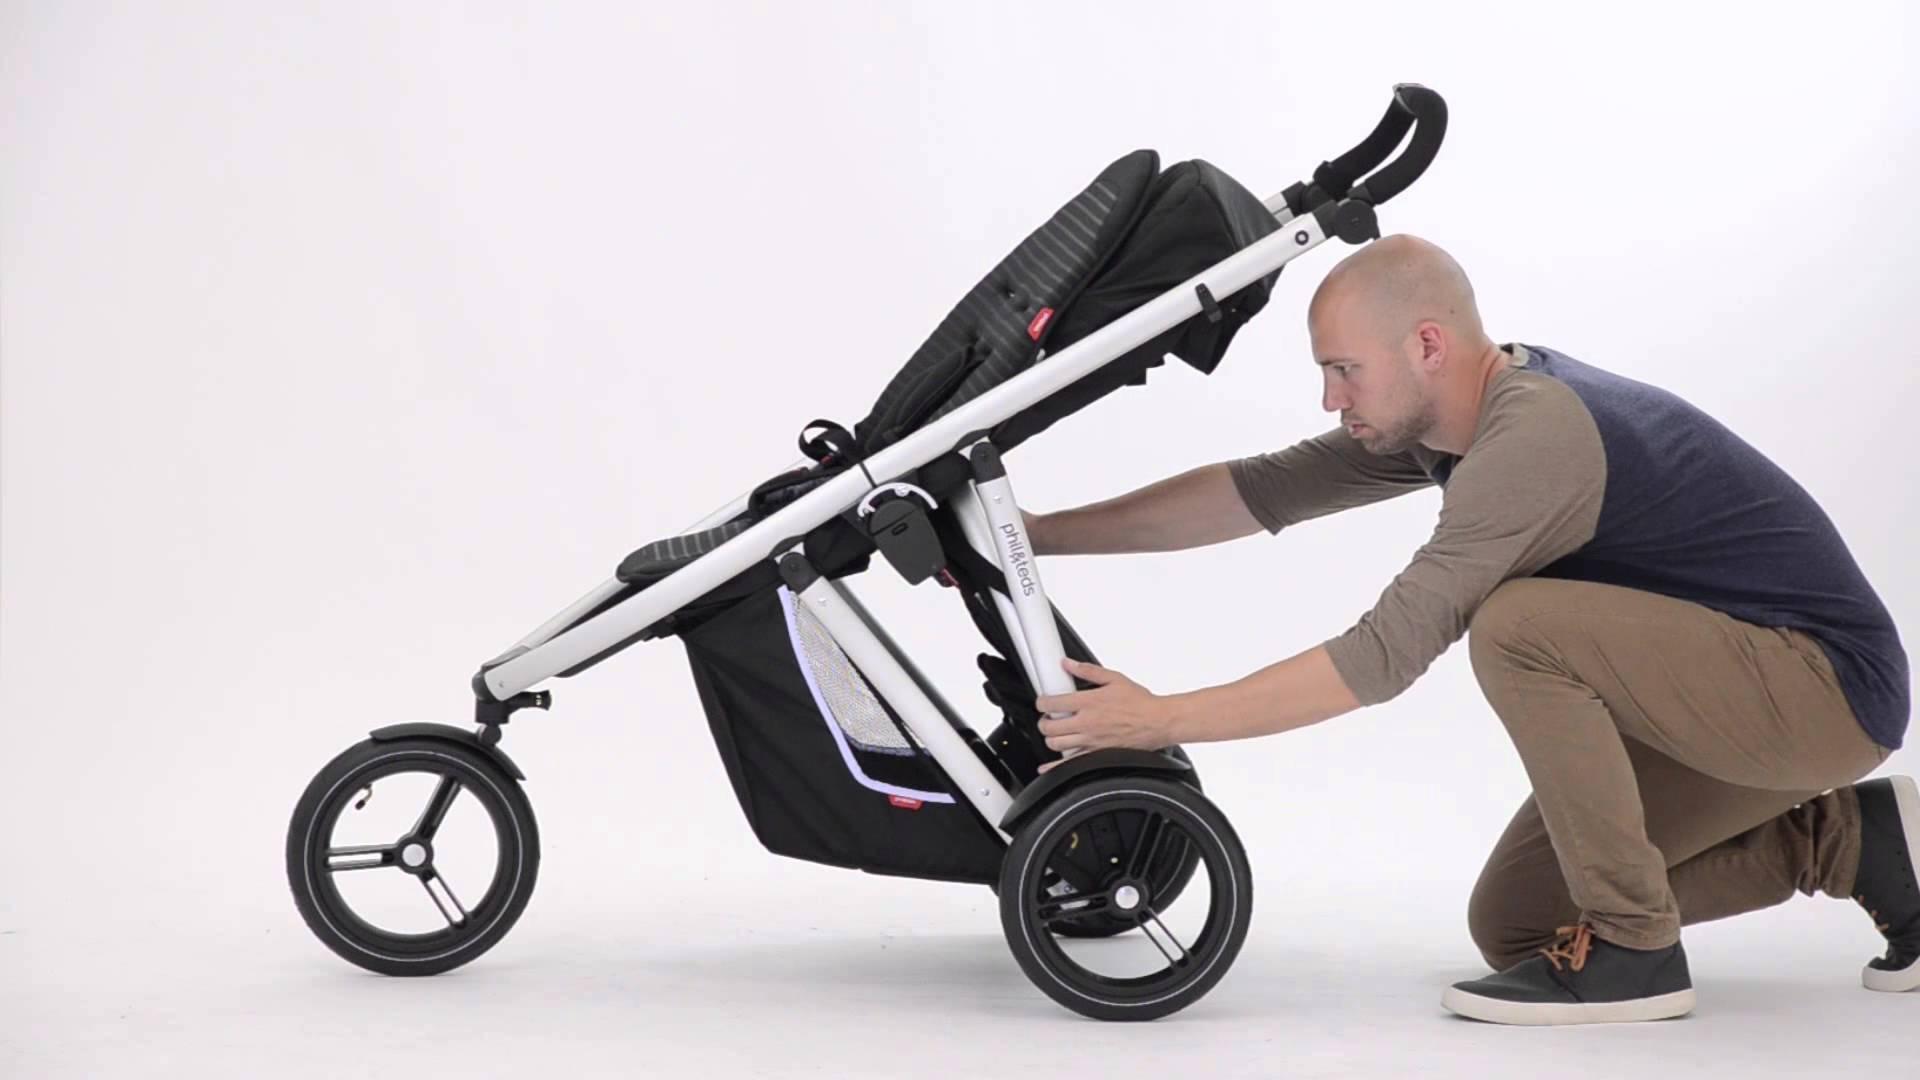 Папа складывает коляску